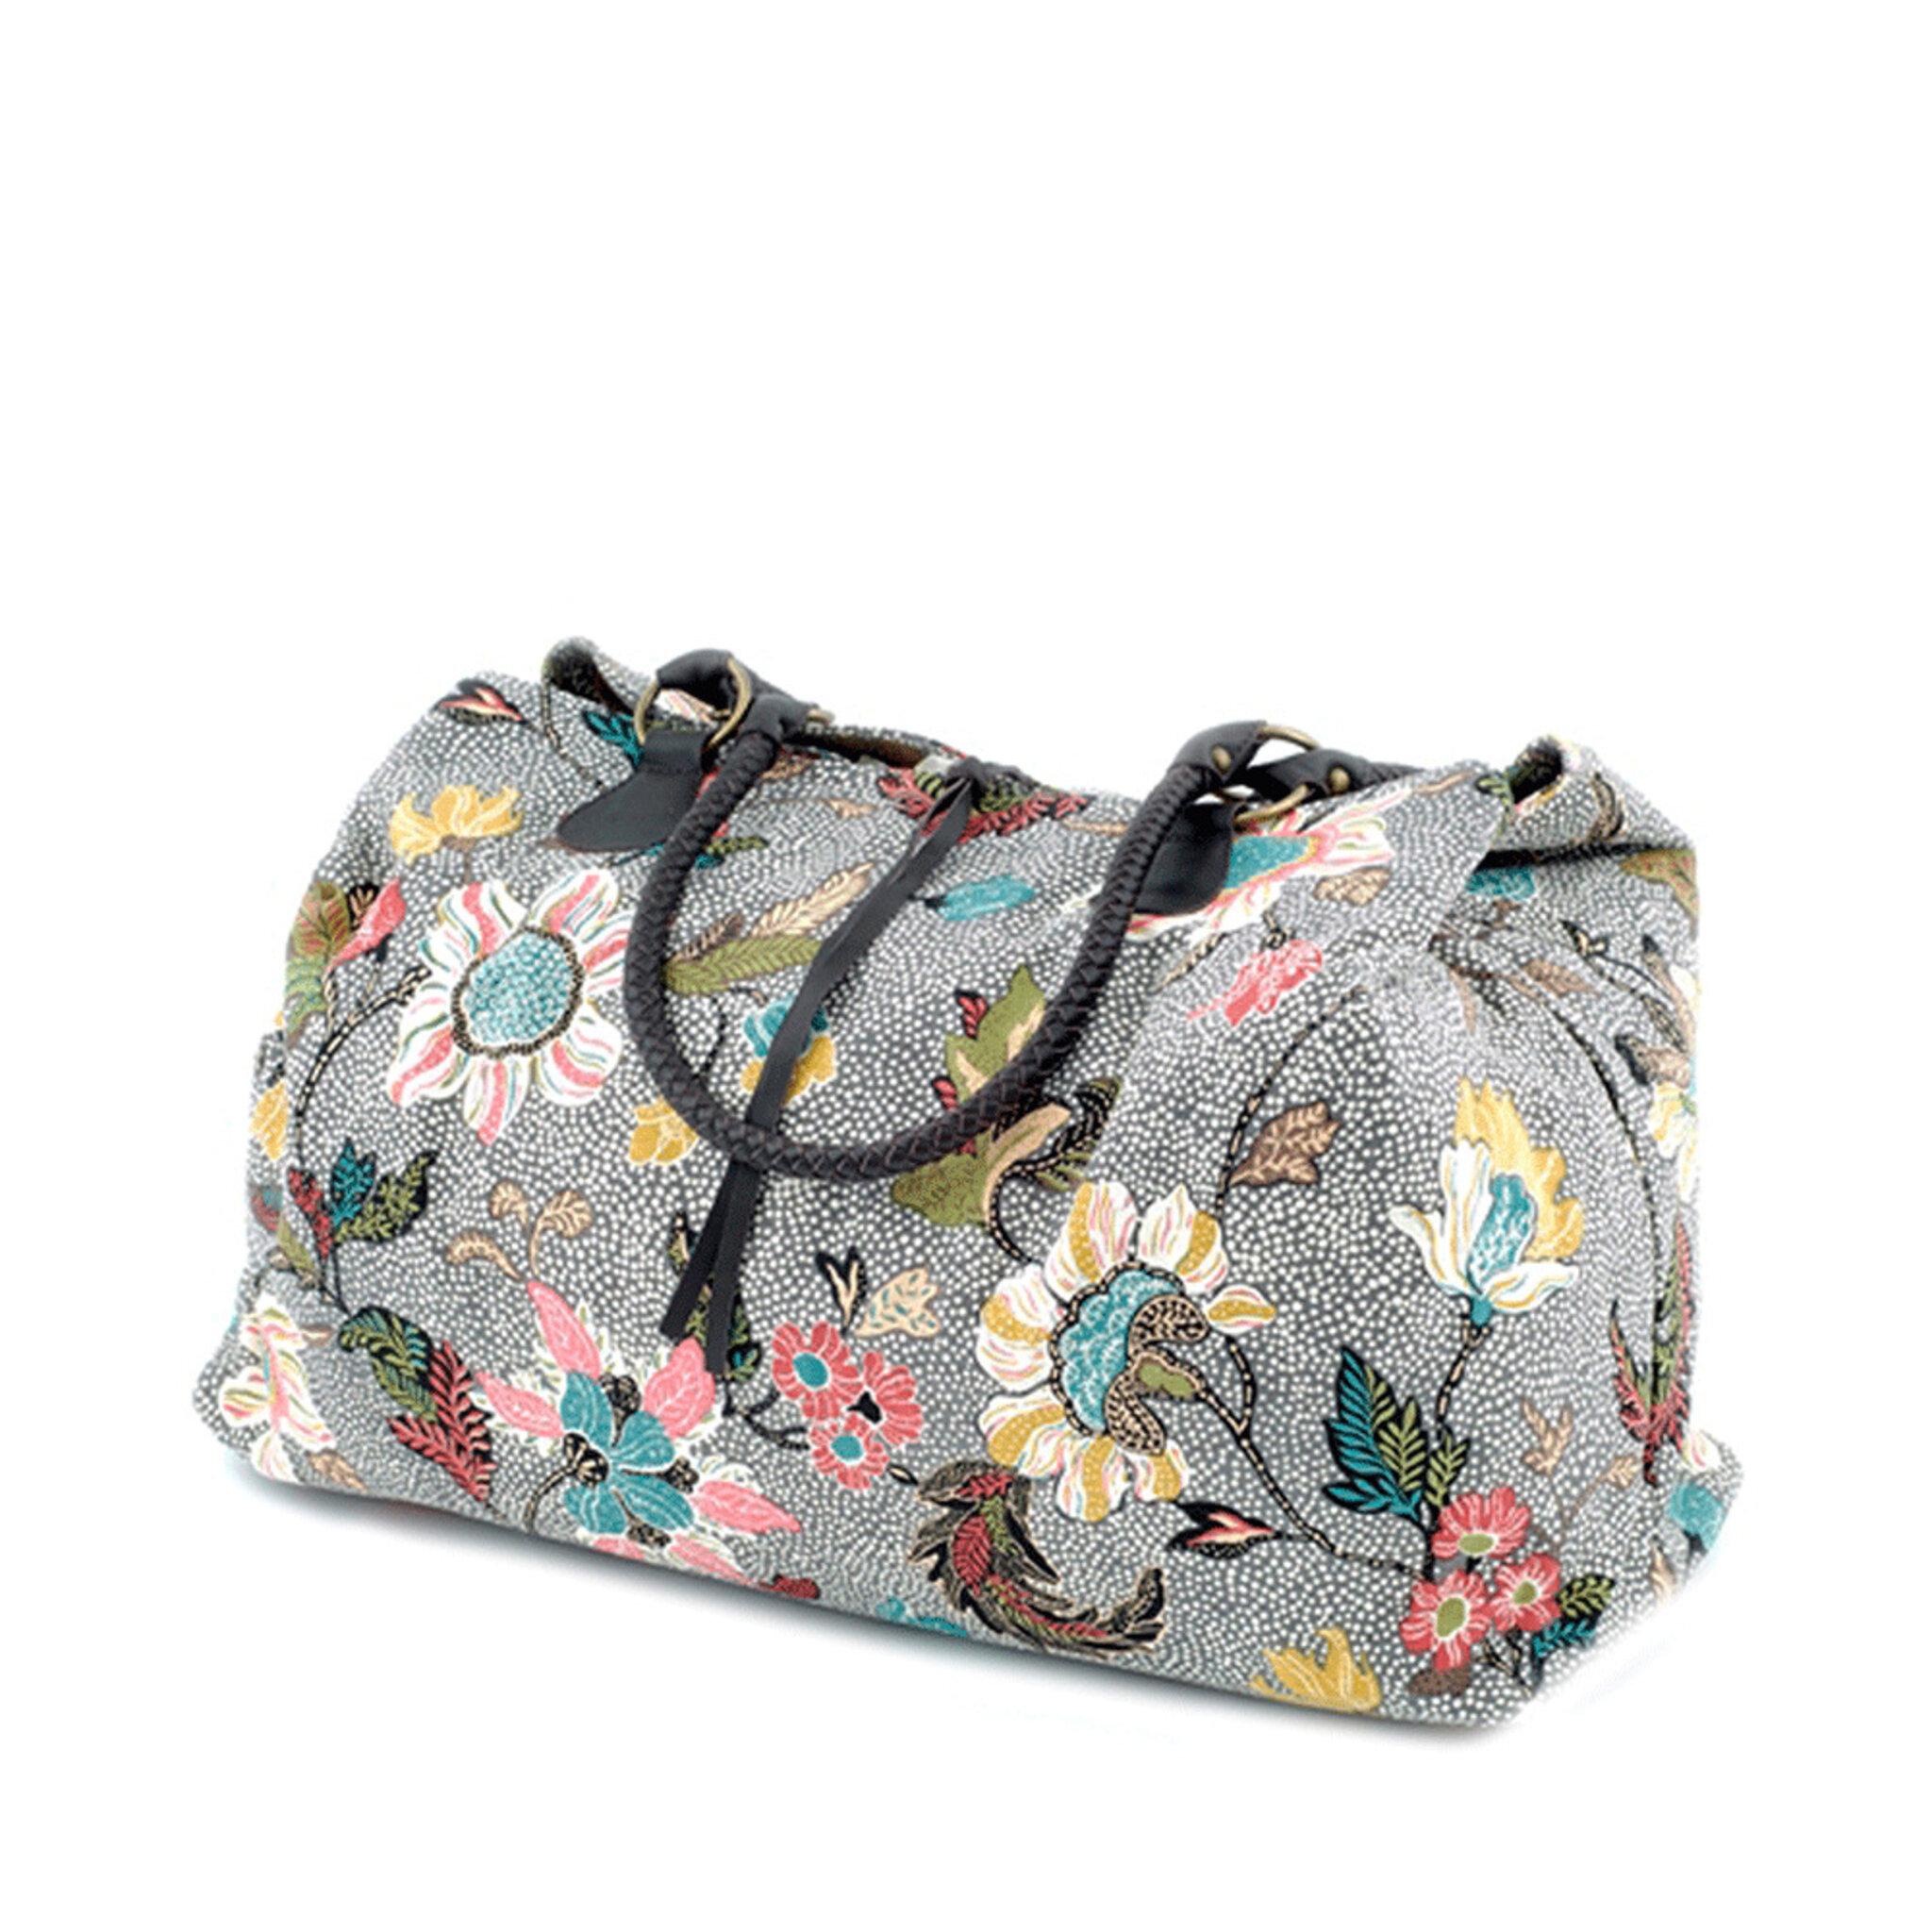 Weekend Bag Grey Flower Linen - Weekendväskor - Köp online på åhlens.se! 9b2f233d73aff